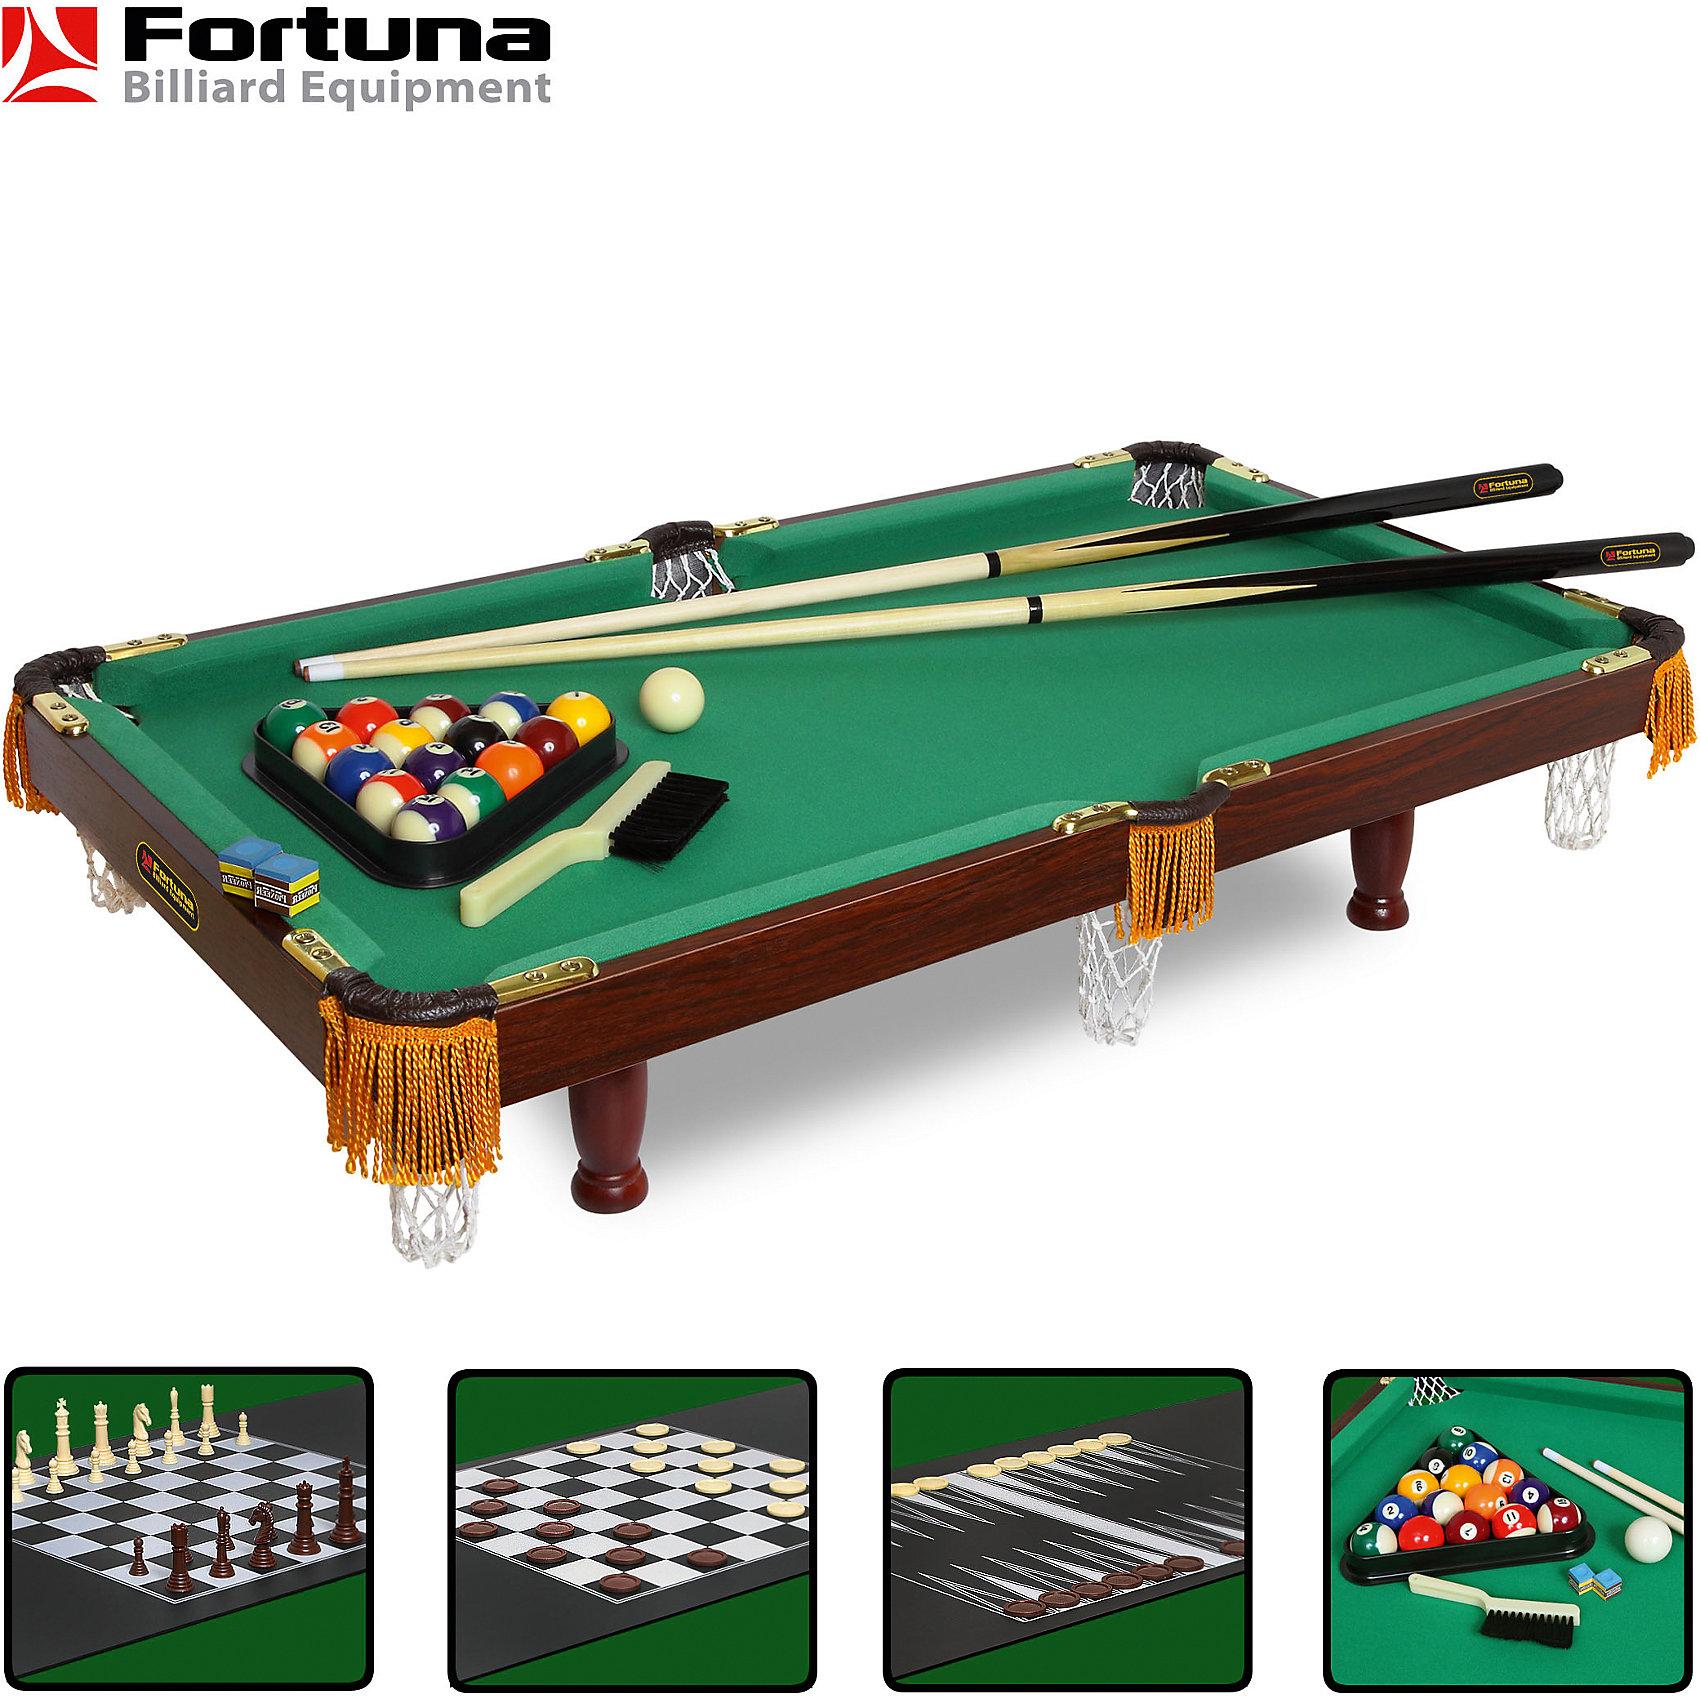 - Бильярдный стол Пул, 4 в 1 с комплектом аксессуаров, Fortuna бильярдный стол в дриад спорт